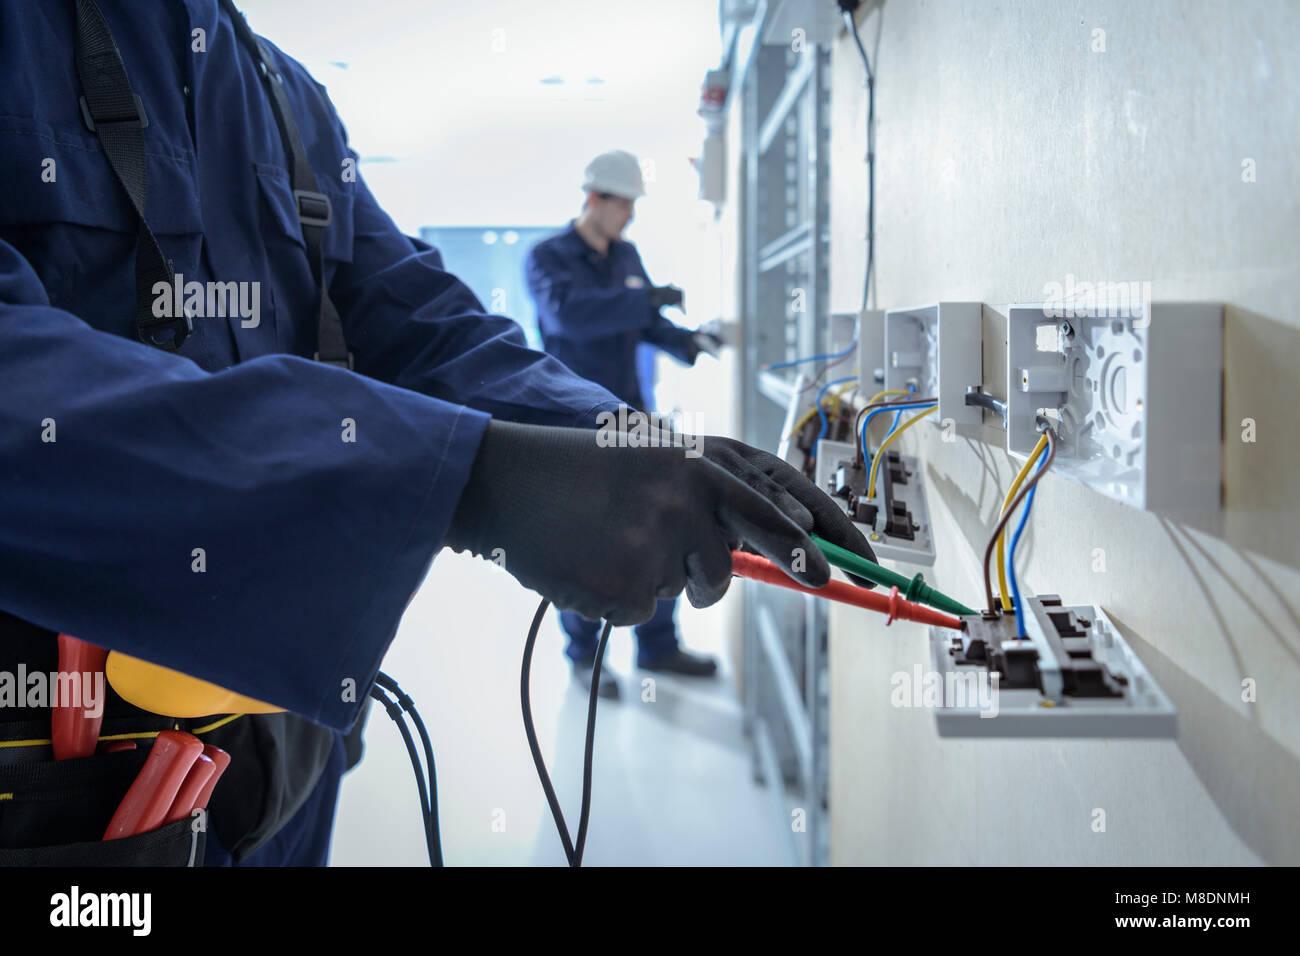 Ingenieure für Elektrotechnik Prüfung der elektrischen Ausrüstung Stockbild